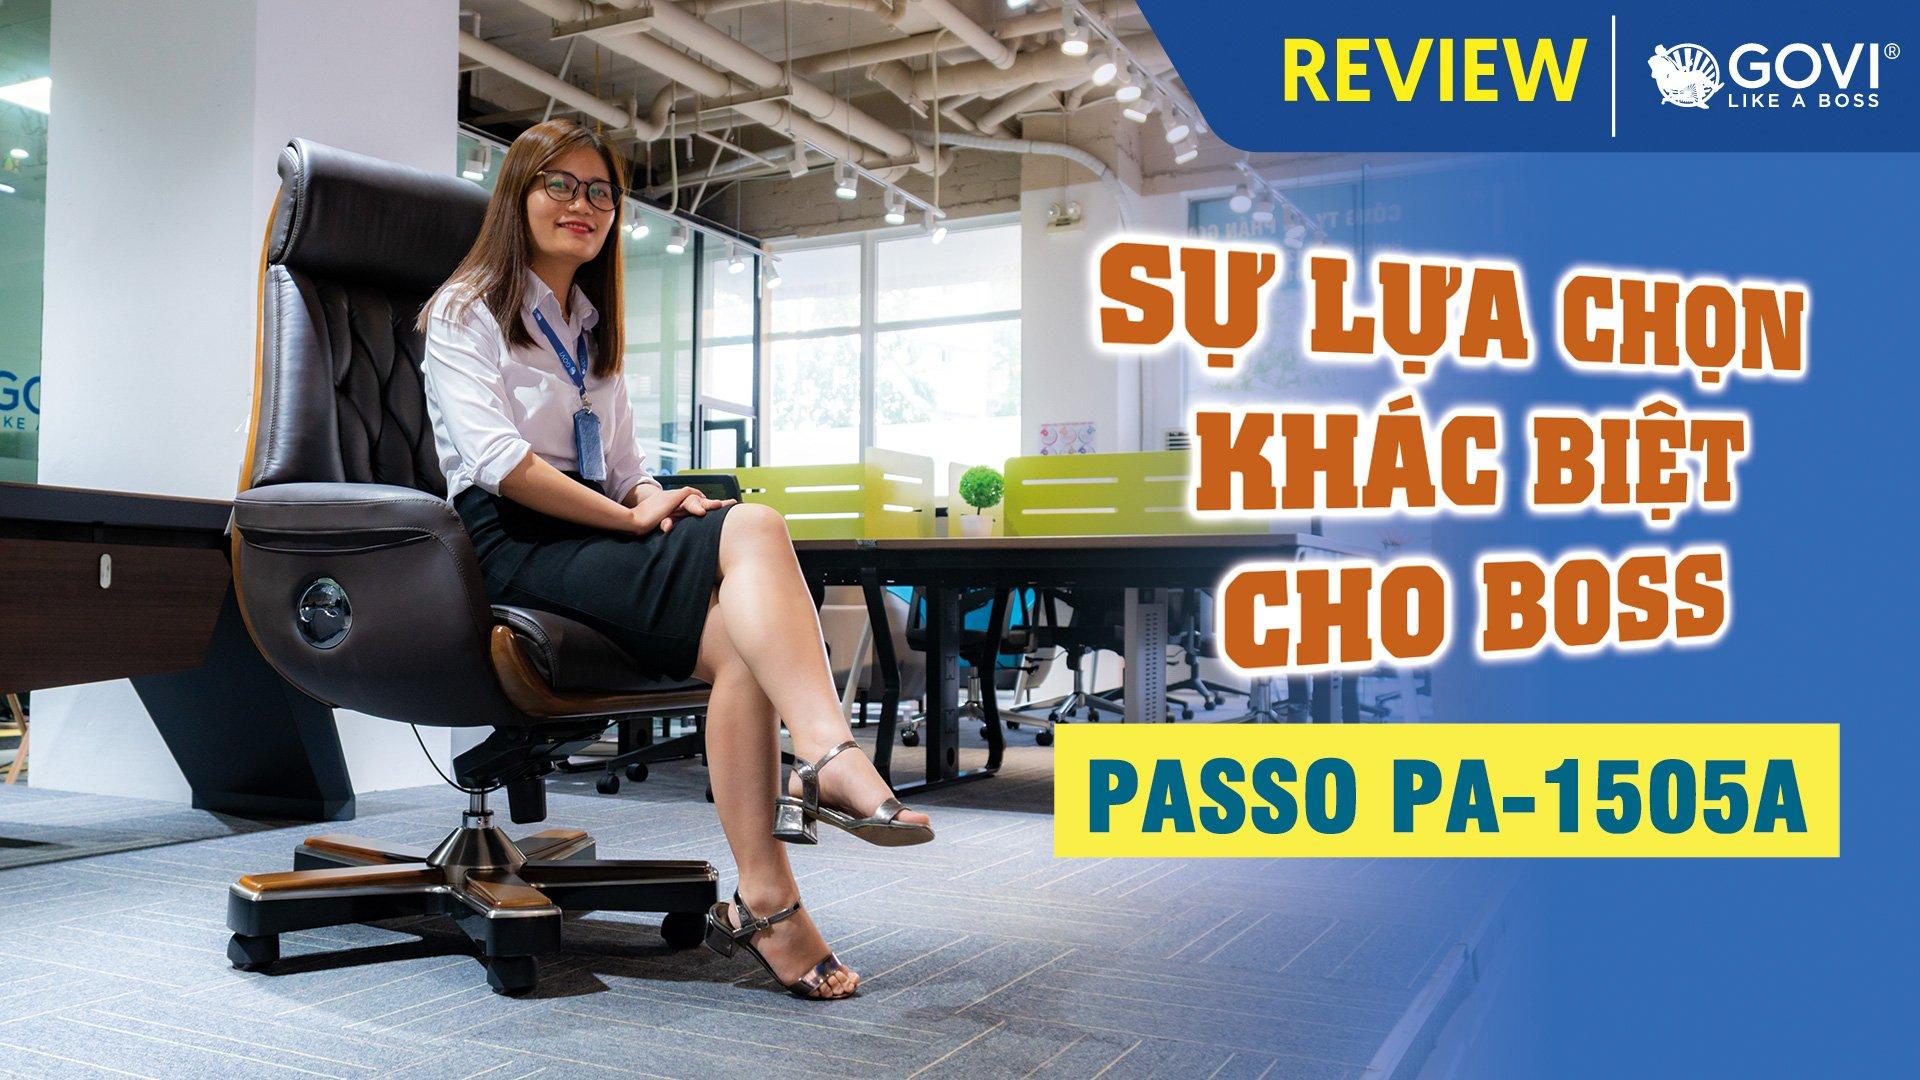 Ghế Lãnh Đạo Da Bò Passo PA-1505A – Sự Lựa Chọn Khác Biệt